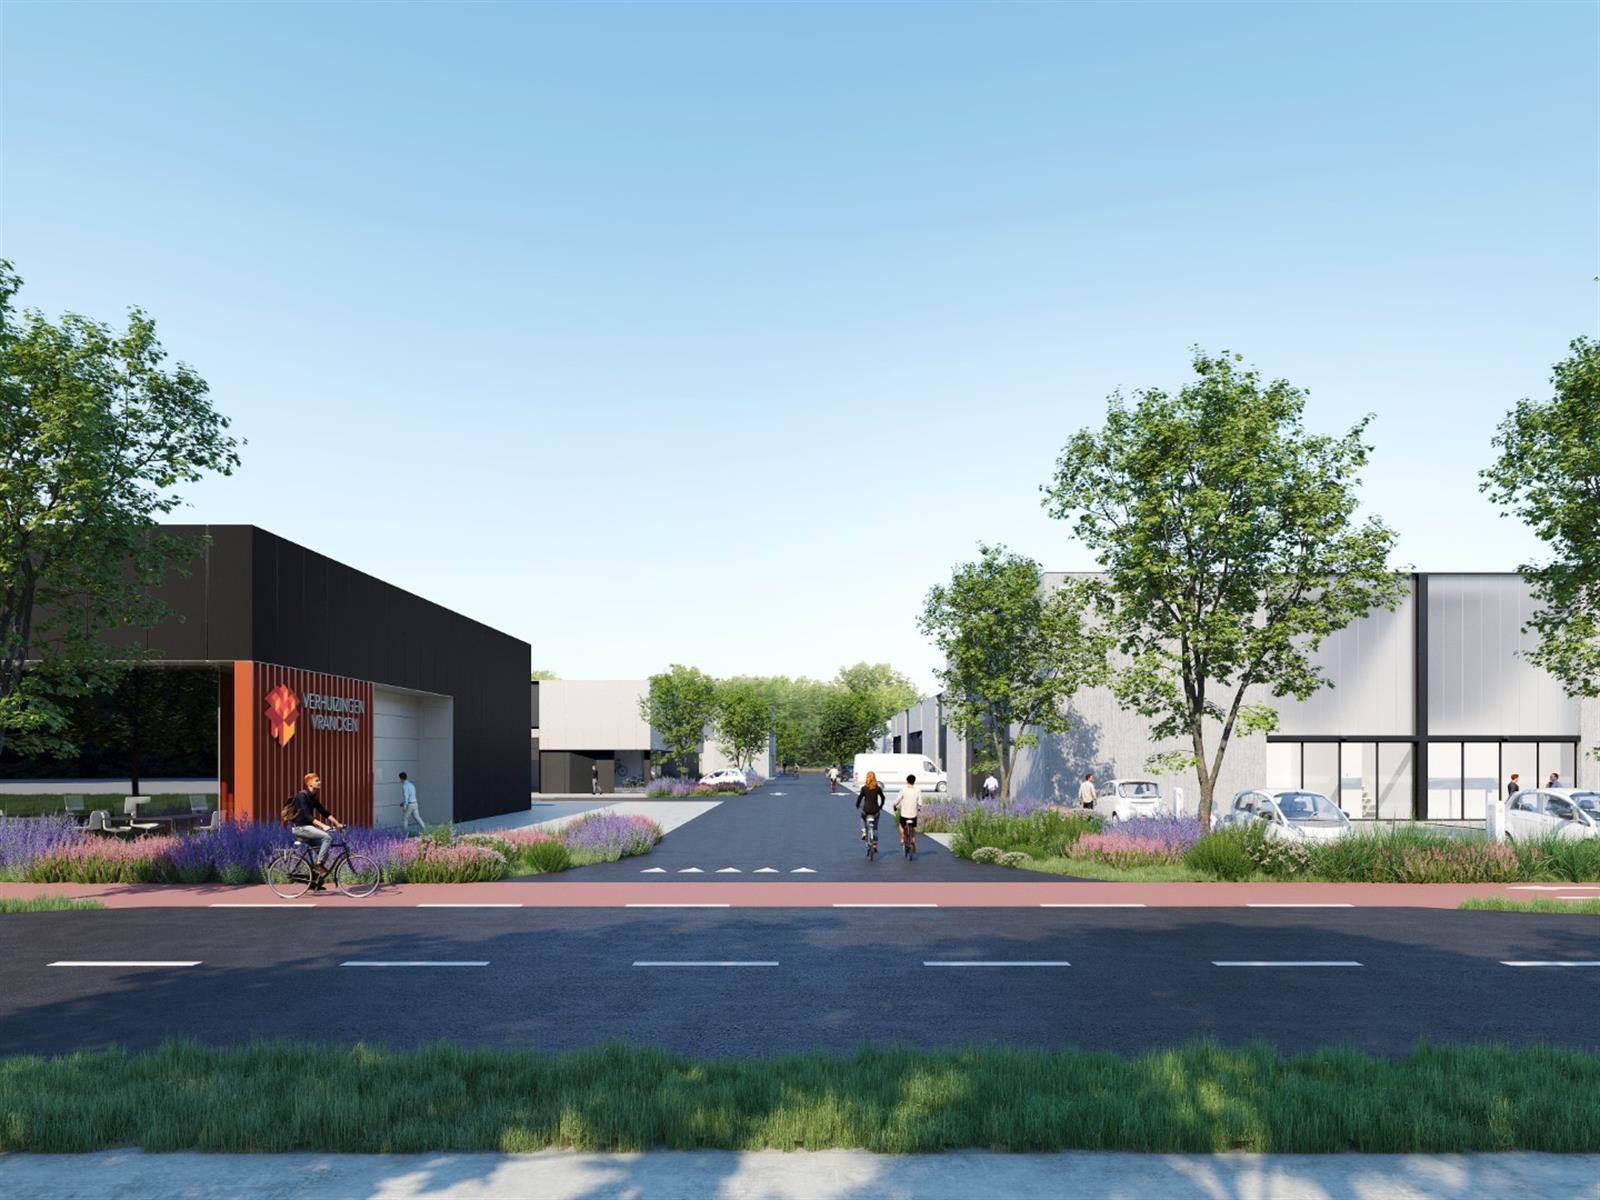 KMO-unit te koop Heros Businesspark KMO Unit 12 - Herkenrodesingel 10, 3500 Hasselt, België 1